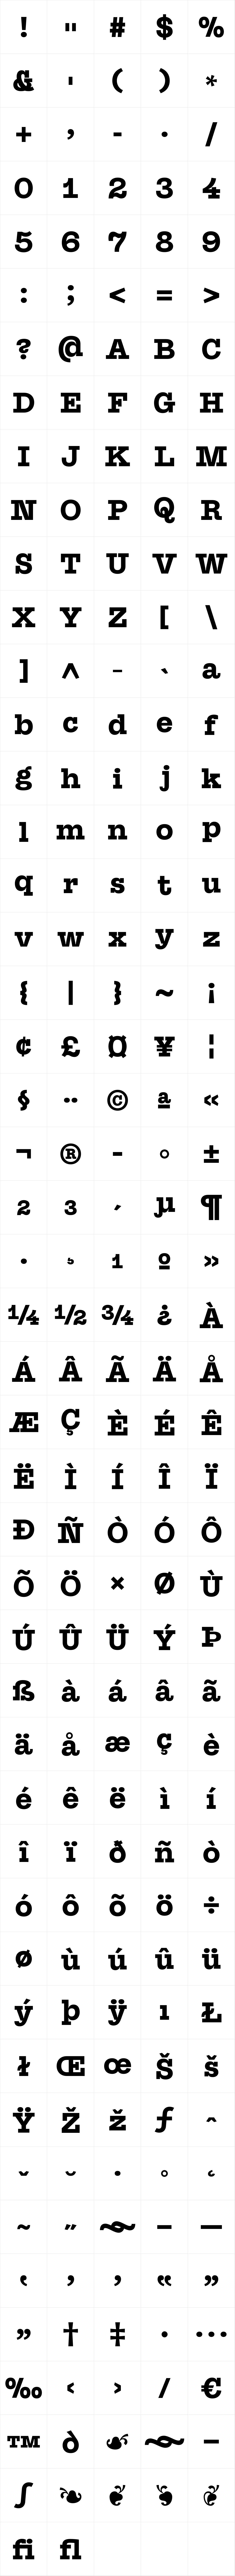 Suomi Slab Serif Bold